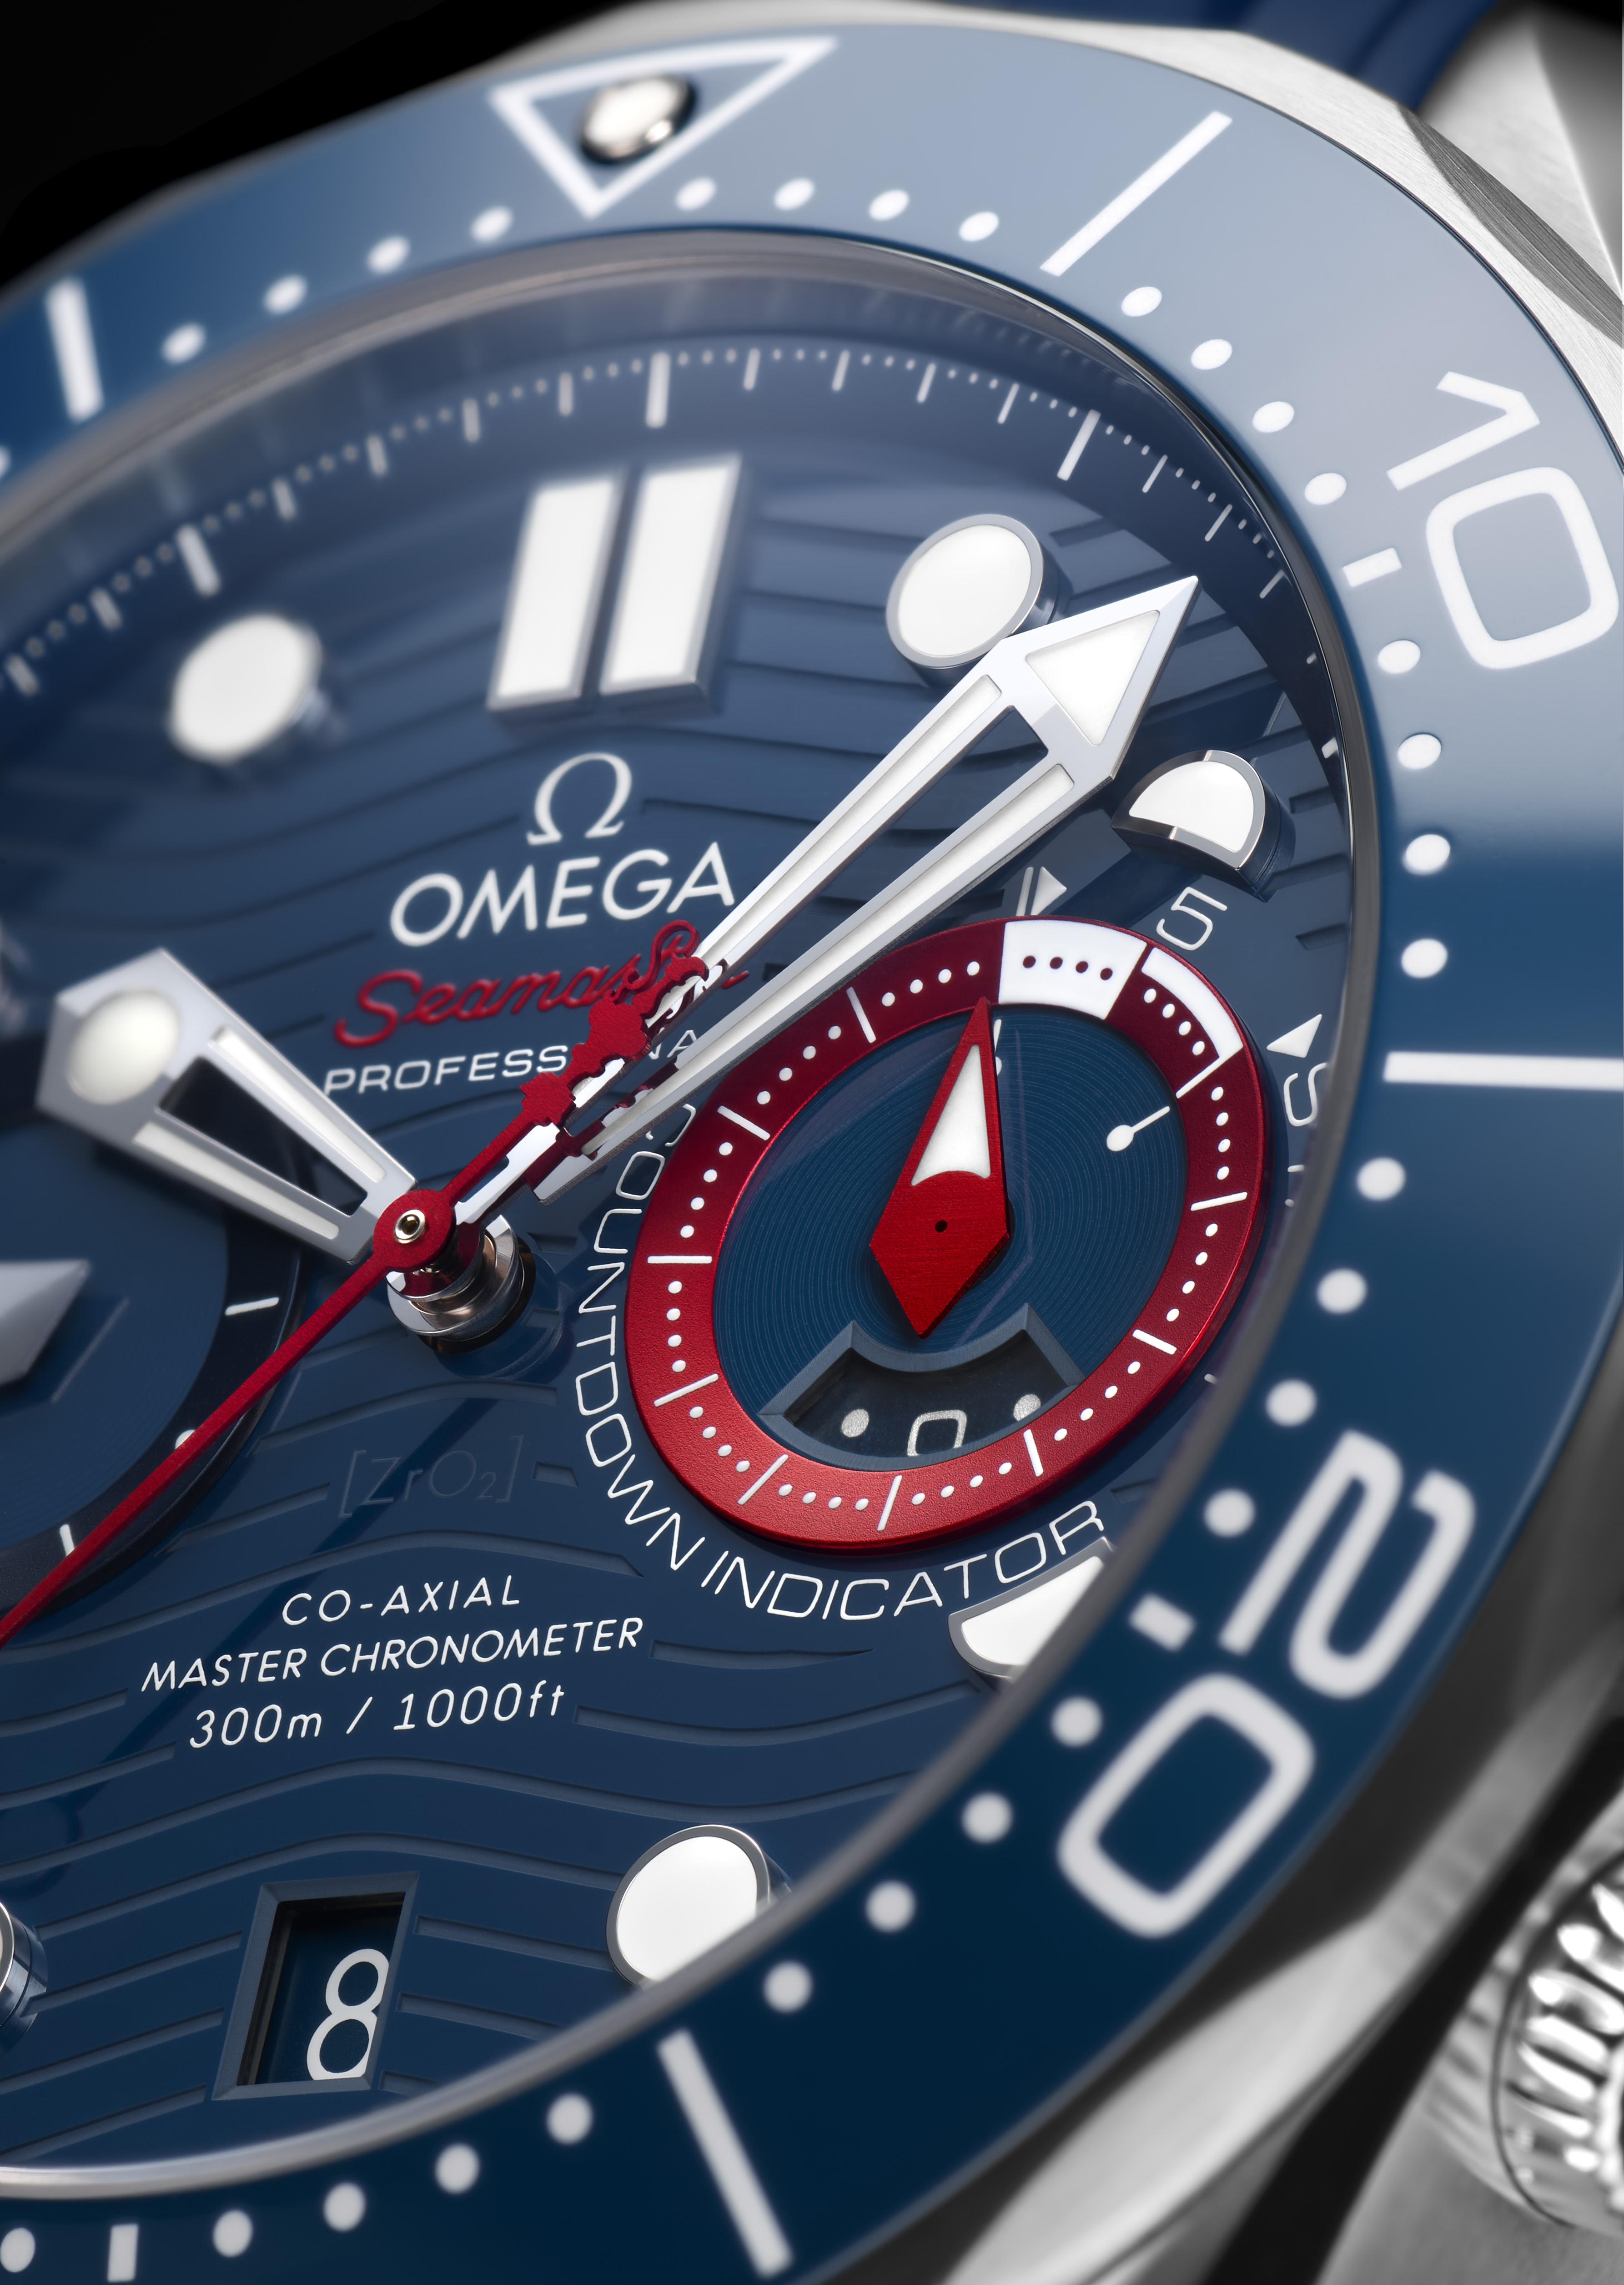 精准计时 助力美洲杯 欧米茄推出海马系列300米潜水计时表美洲杯版